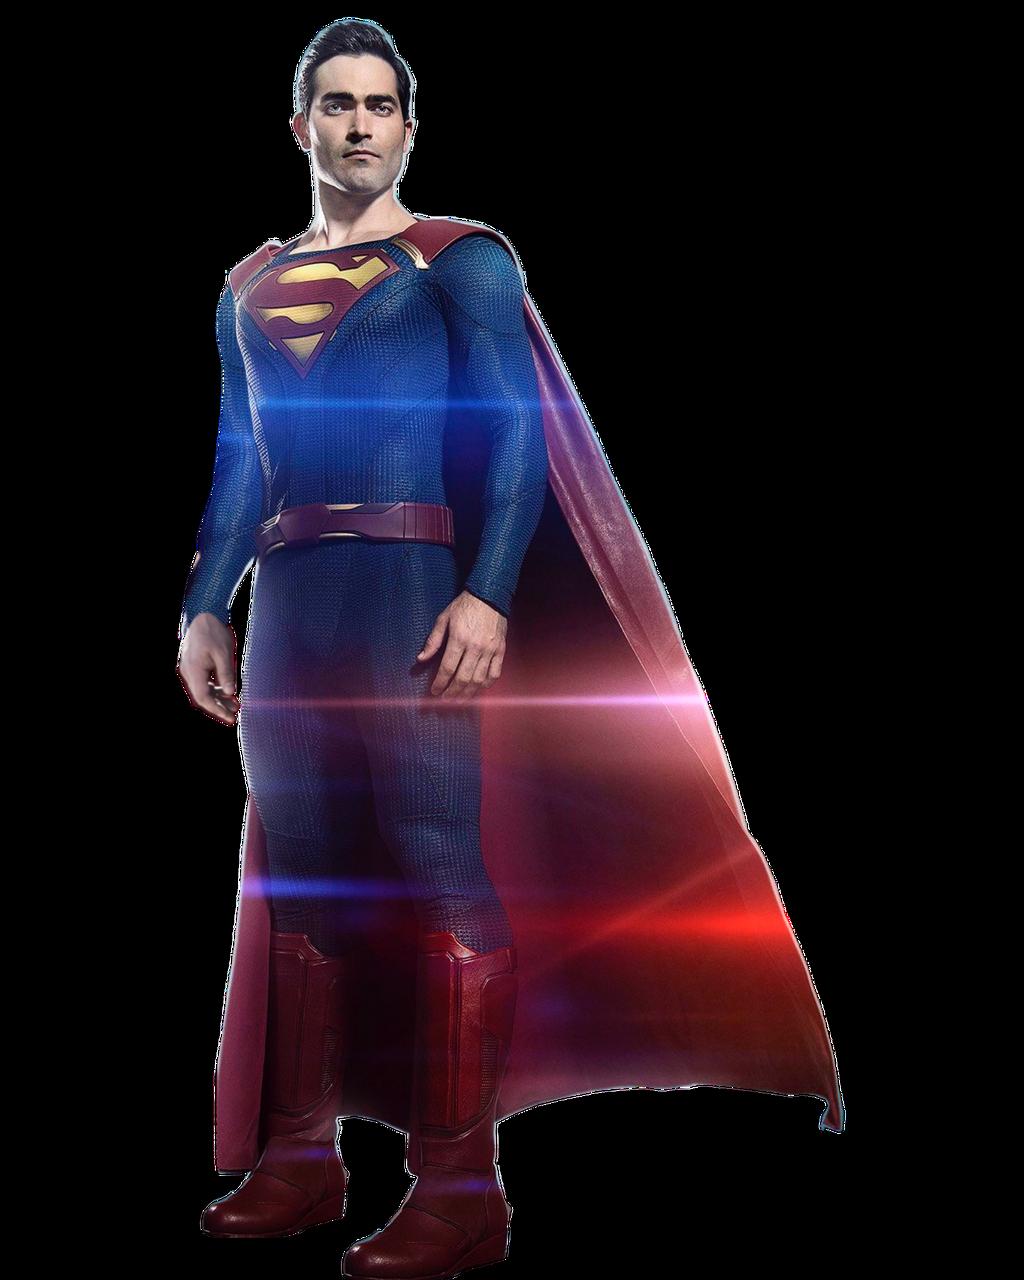 supergirl superman full body transparent by spider maguire on deviantart. Black Bedroom Furniture Sets. Home Design Ideas